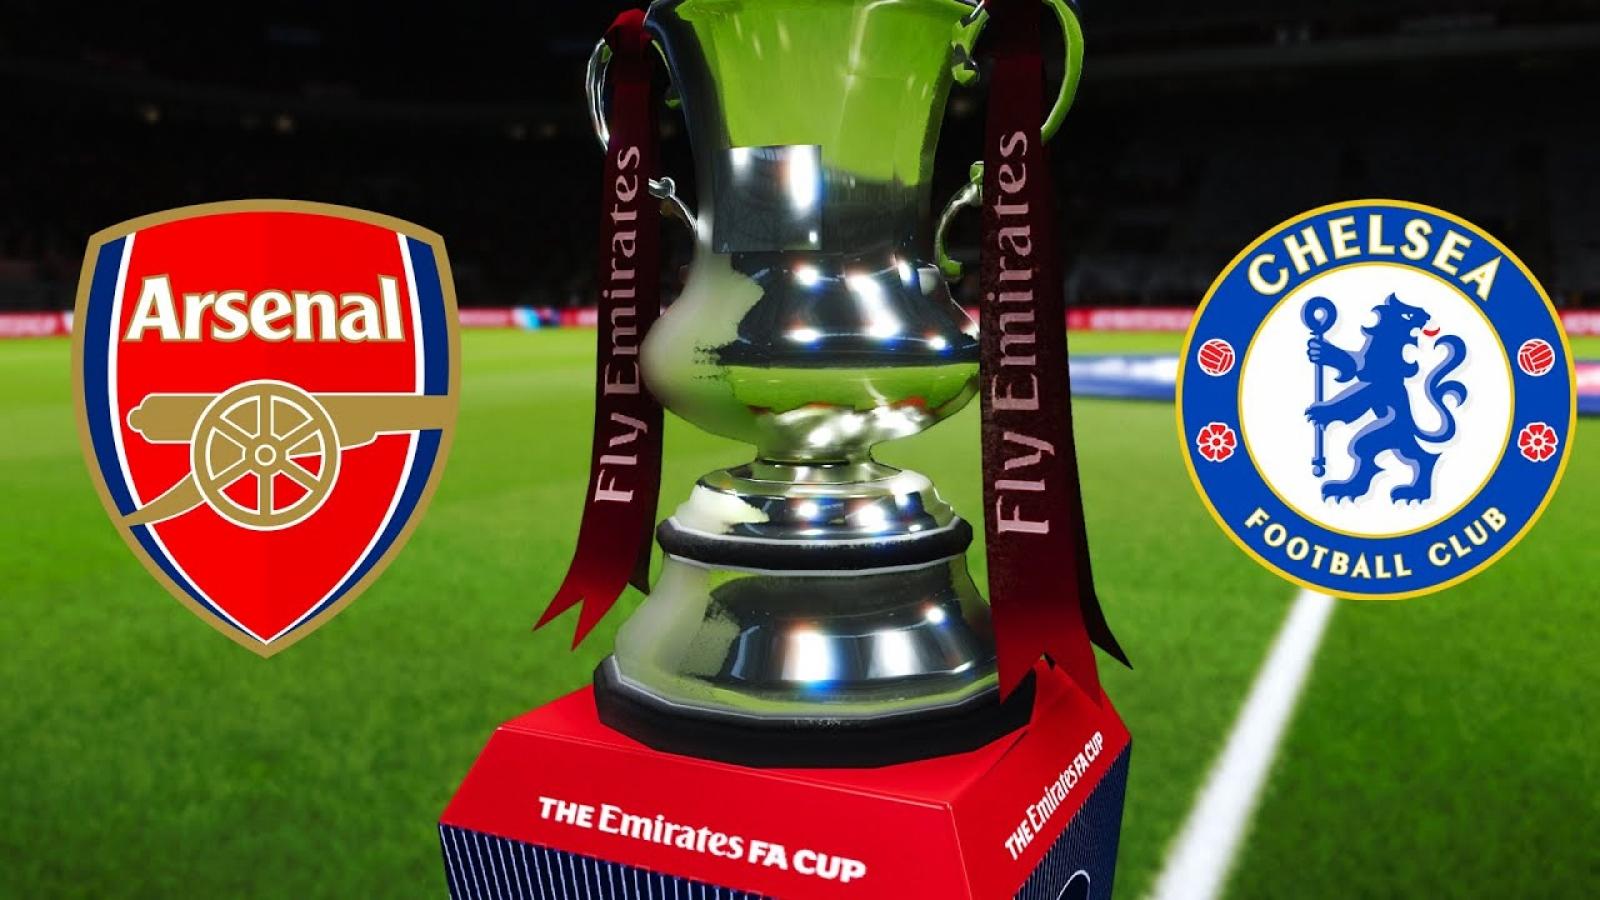 Arsenal - Chelsea: Hơn cả một danh hiệu